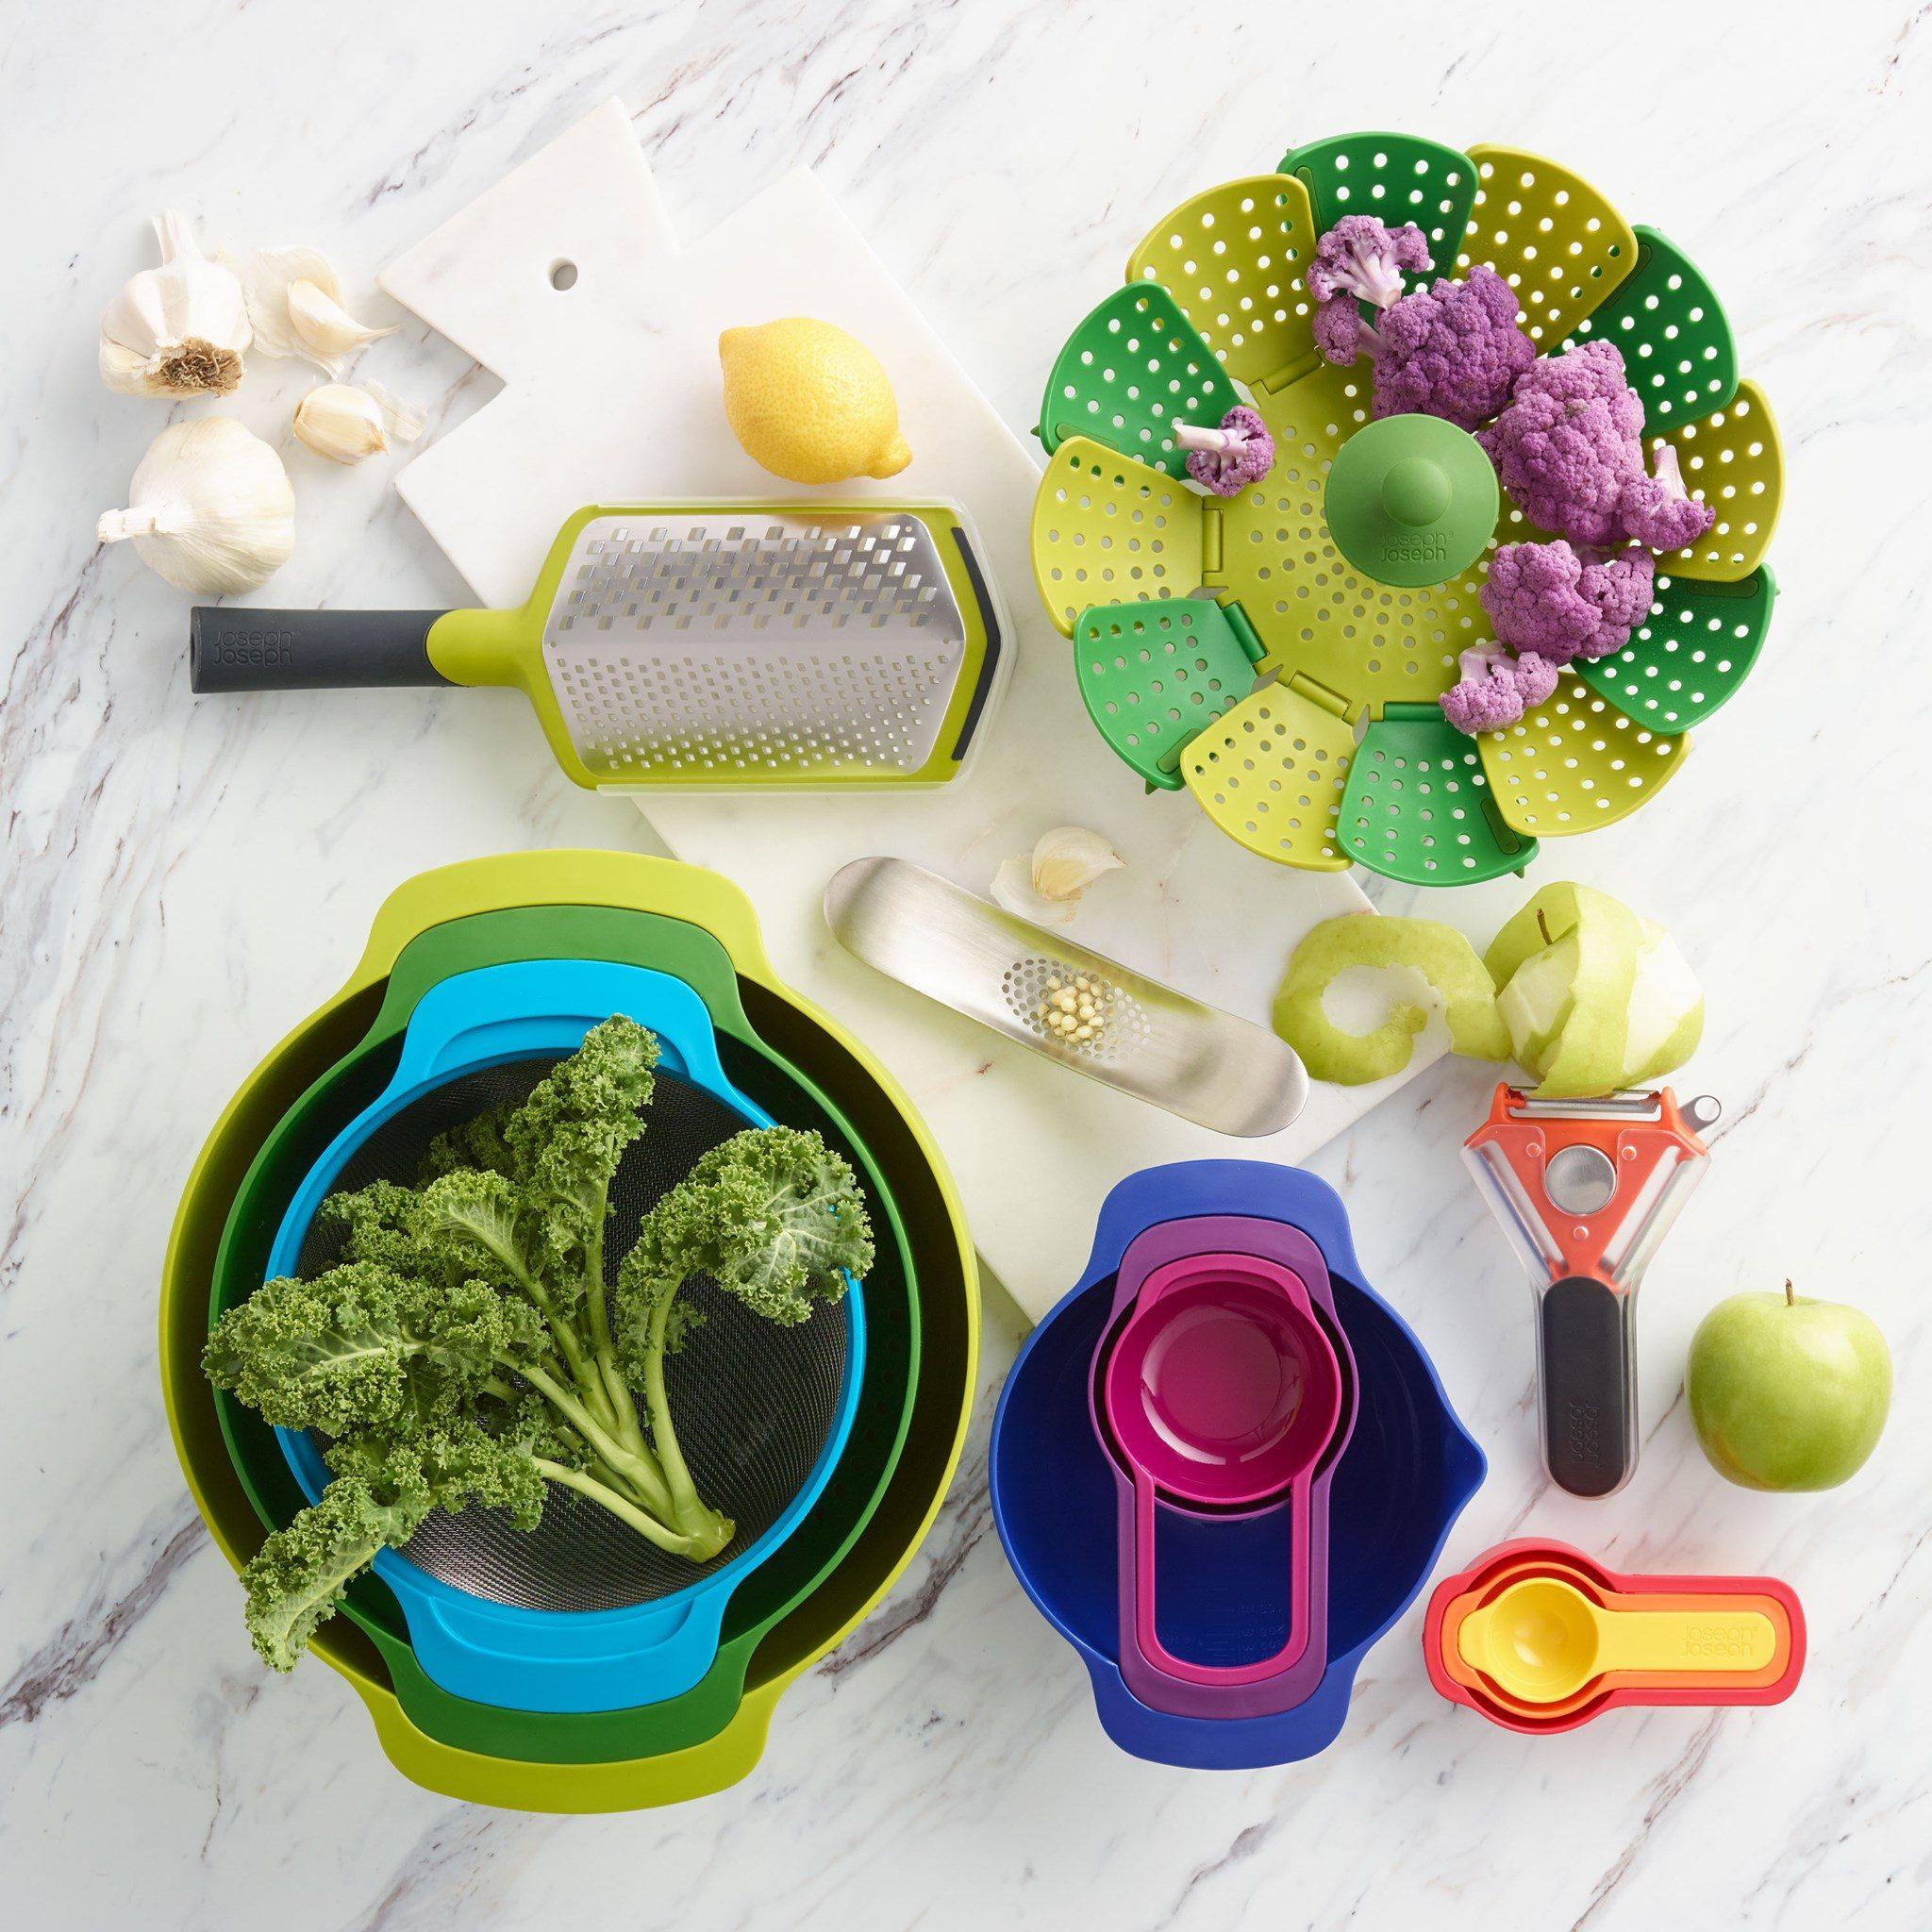 World Market kitchen gadgets